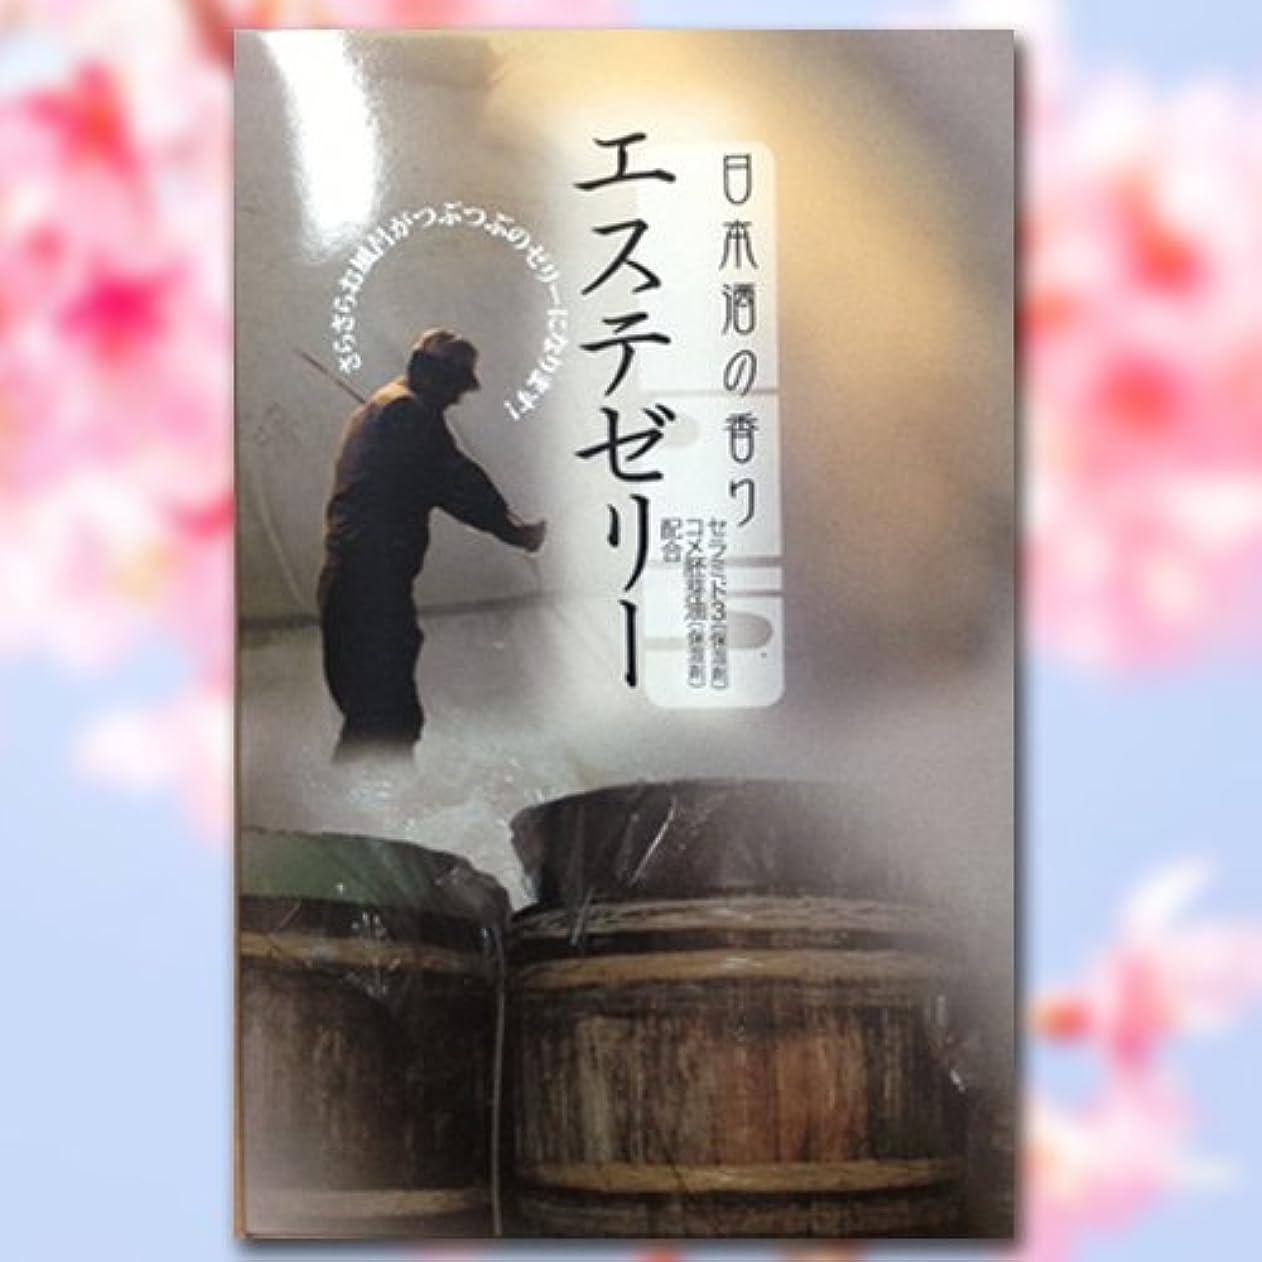 演劇除去保険をかける【2個セット】Esthe Jelly エステゼリー 日本酒の香り (入浴剤)